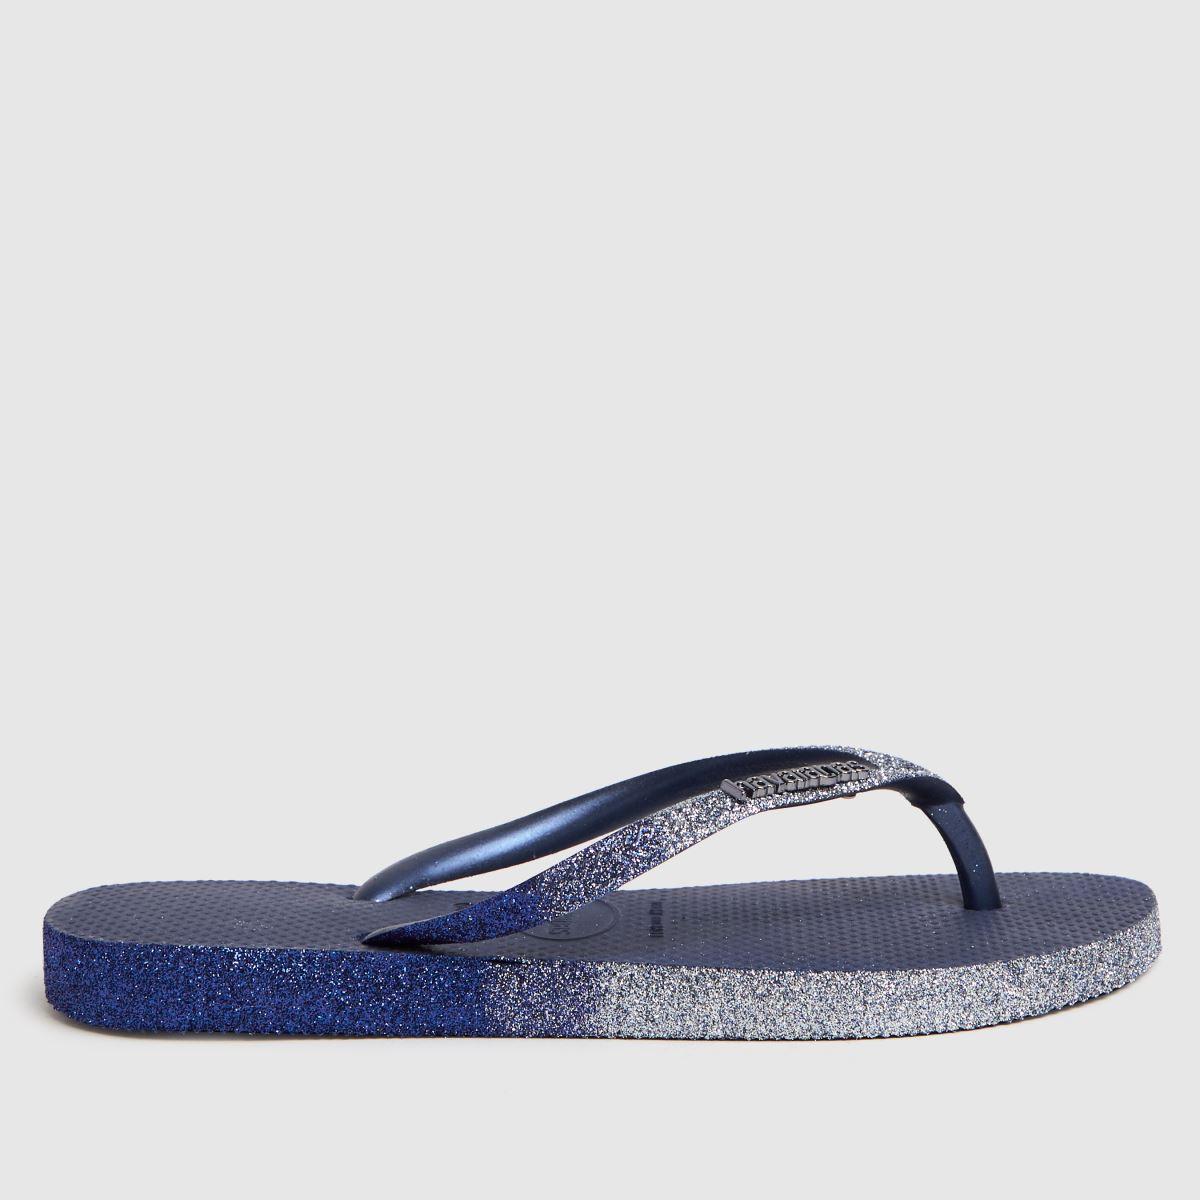 Havaianas Navy Slim Sparkle Ii Sandals